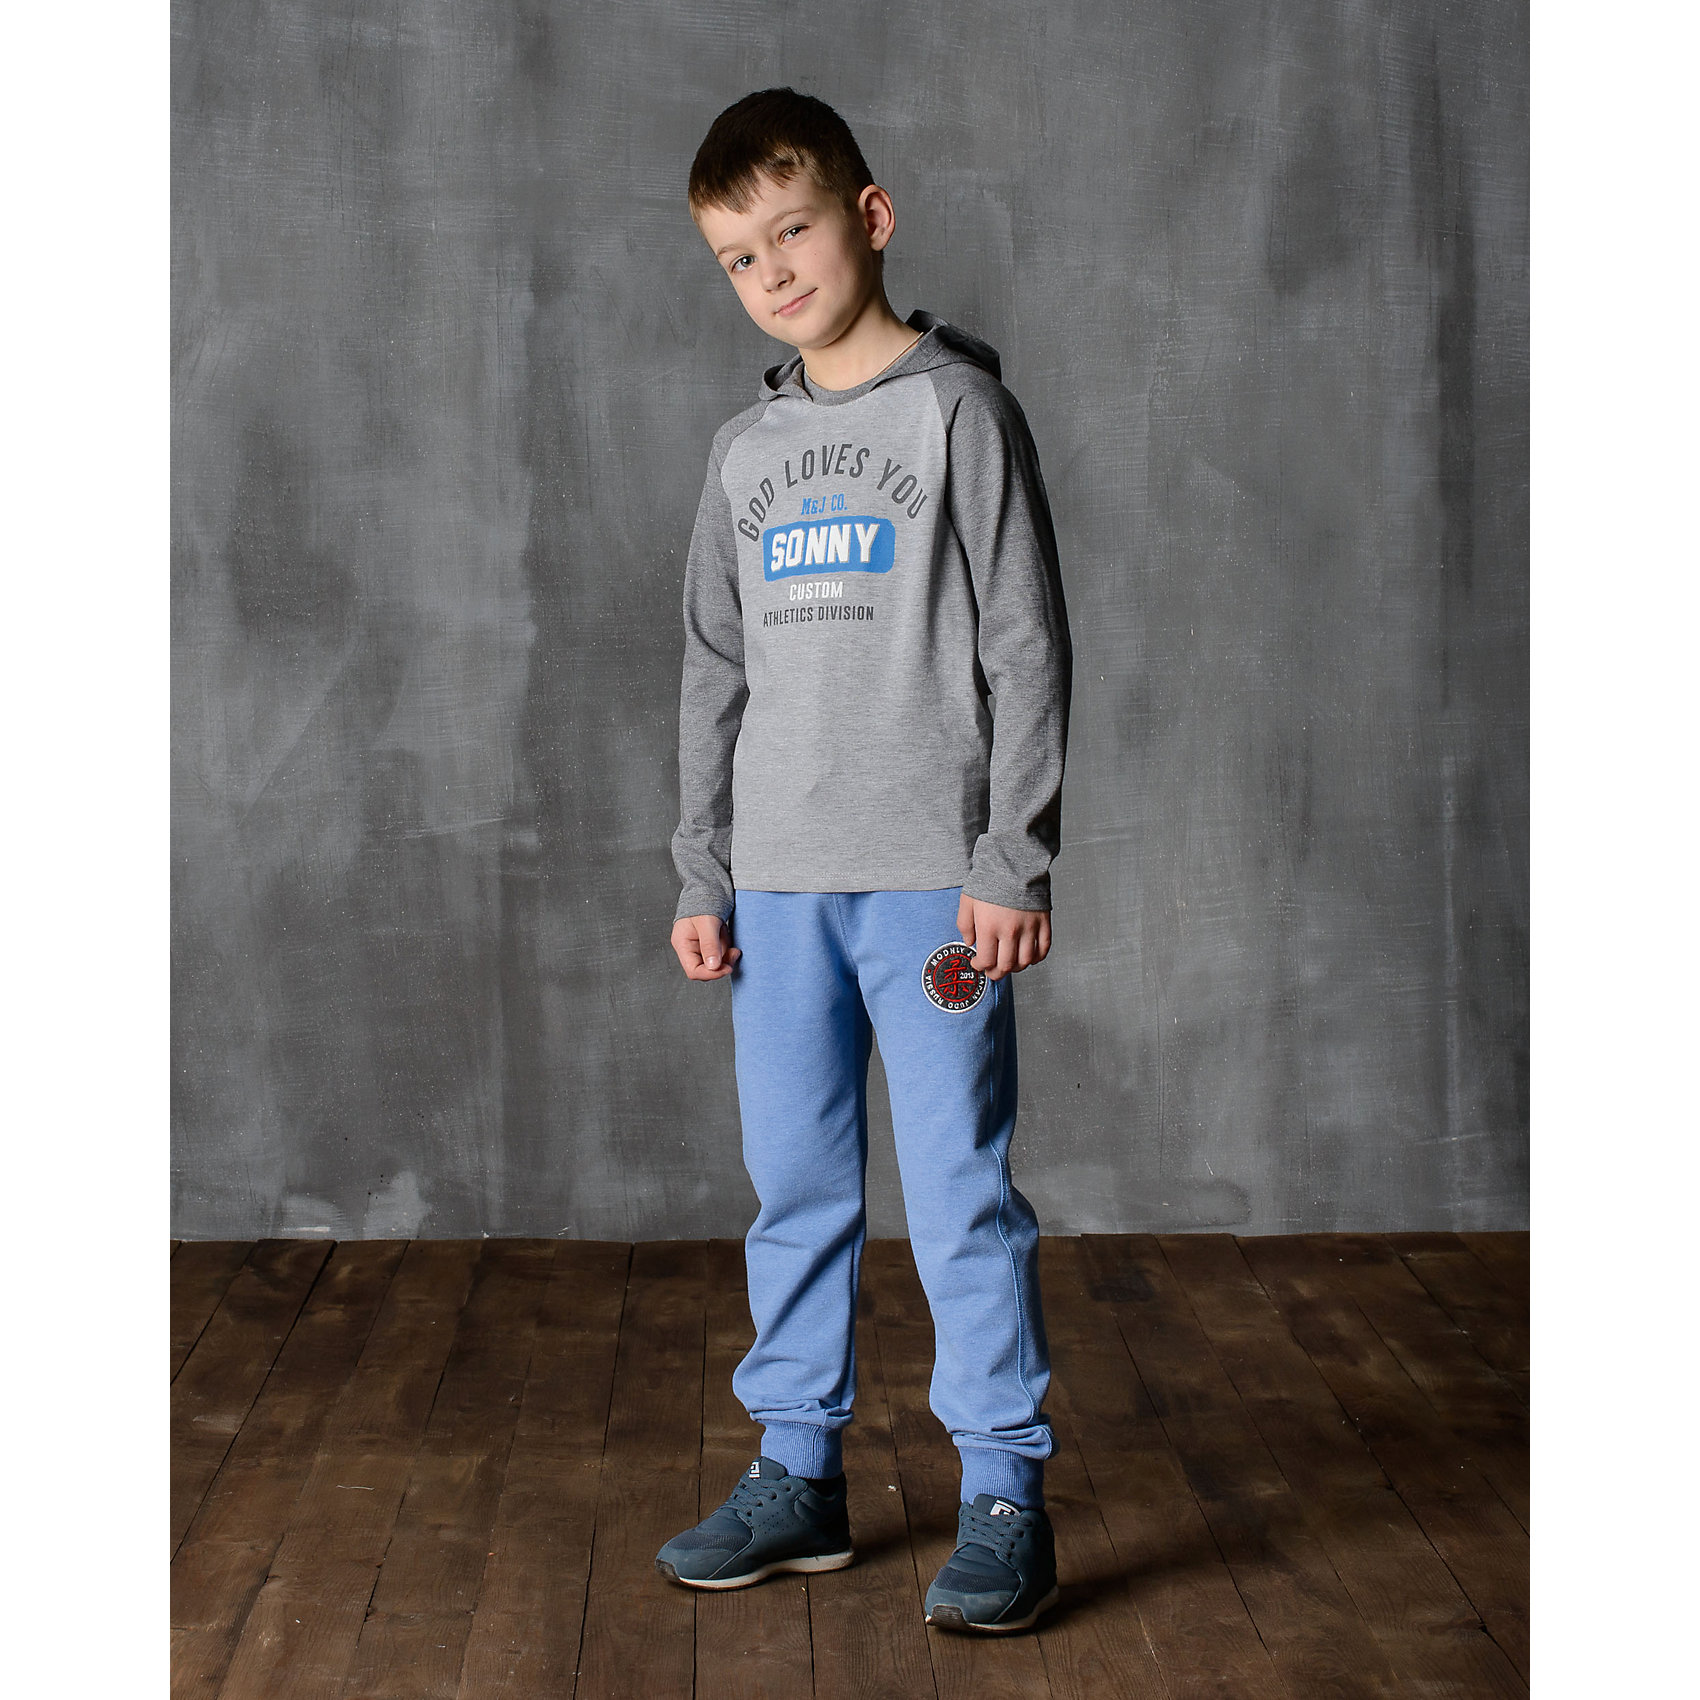 Брюки для мальчика Modniy JukБрюки<br>Характеристики товара:<br><br>• цвет: голубой<br>• состав: 70% хлопок, 30% полиэстер<br>• спортивный силуэт<br>• карманы<br>• пояс - мягкая резинка<br>• манжеты<br>• логотип<br>• шнурок в поясе<br><br>• страна бренда: Российская Федерация<br>• страна производства: Российская Федерация<br><br>Модели одежды из новой коллекции от бренда Модный жук - это стильные и удобные вещи, созданные специально для детей. Они отличаются продуманным дизайном, качественными материалами и комфортной посадкой. Дети носят их с удовольствием! Стильные брюки спортивного силуэта - хит сезона, отличный вариант базовой вещи для разной погоды. Они отлично сочетаются с майками, футболками, куртками. Хорошо сидят по фигуре.<br>Одежда и аксессуары от российского бренда Модный жук - это способ пополнить гардероб ребенка модными изделиями по доступной цене. Для их производства используются только безопасные, проверенные материалы и фурнитура. Новая коллекция поддерживает хорошие традиции бренда! <br><br>Брюки для мальчика от популярного бренда Модный жук можно купить в нашем интернет-магазине.<br><br>Ширина мм: 215<br>Глубина мм: 88<br>Высота мм: 191<br>Вес г: 336<br>Цвет: голубой<br>Возраст от месяцев: 144<br>Возраст до месяцев: 156<br>Пол: Мужской<br>Возраст: Детский<br>Размер: 152/158,122/128,116/122,110/116,128/134,134/140,140/146,146/152<br>SKU: 5613685